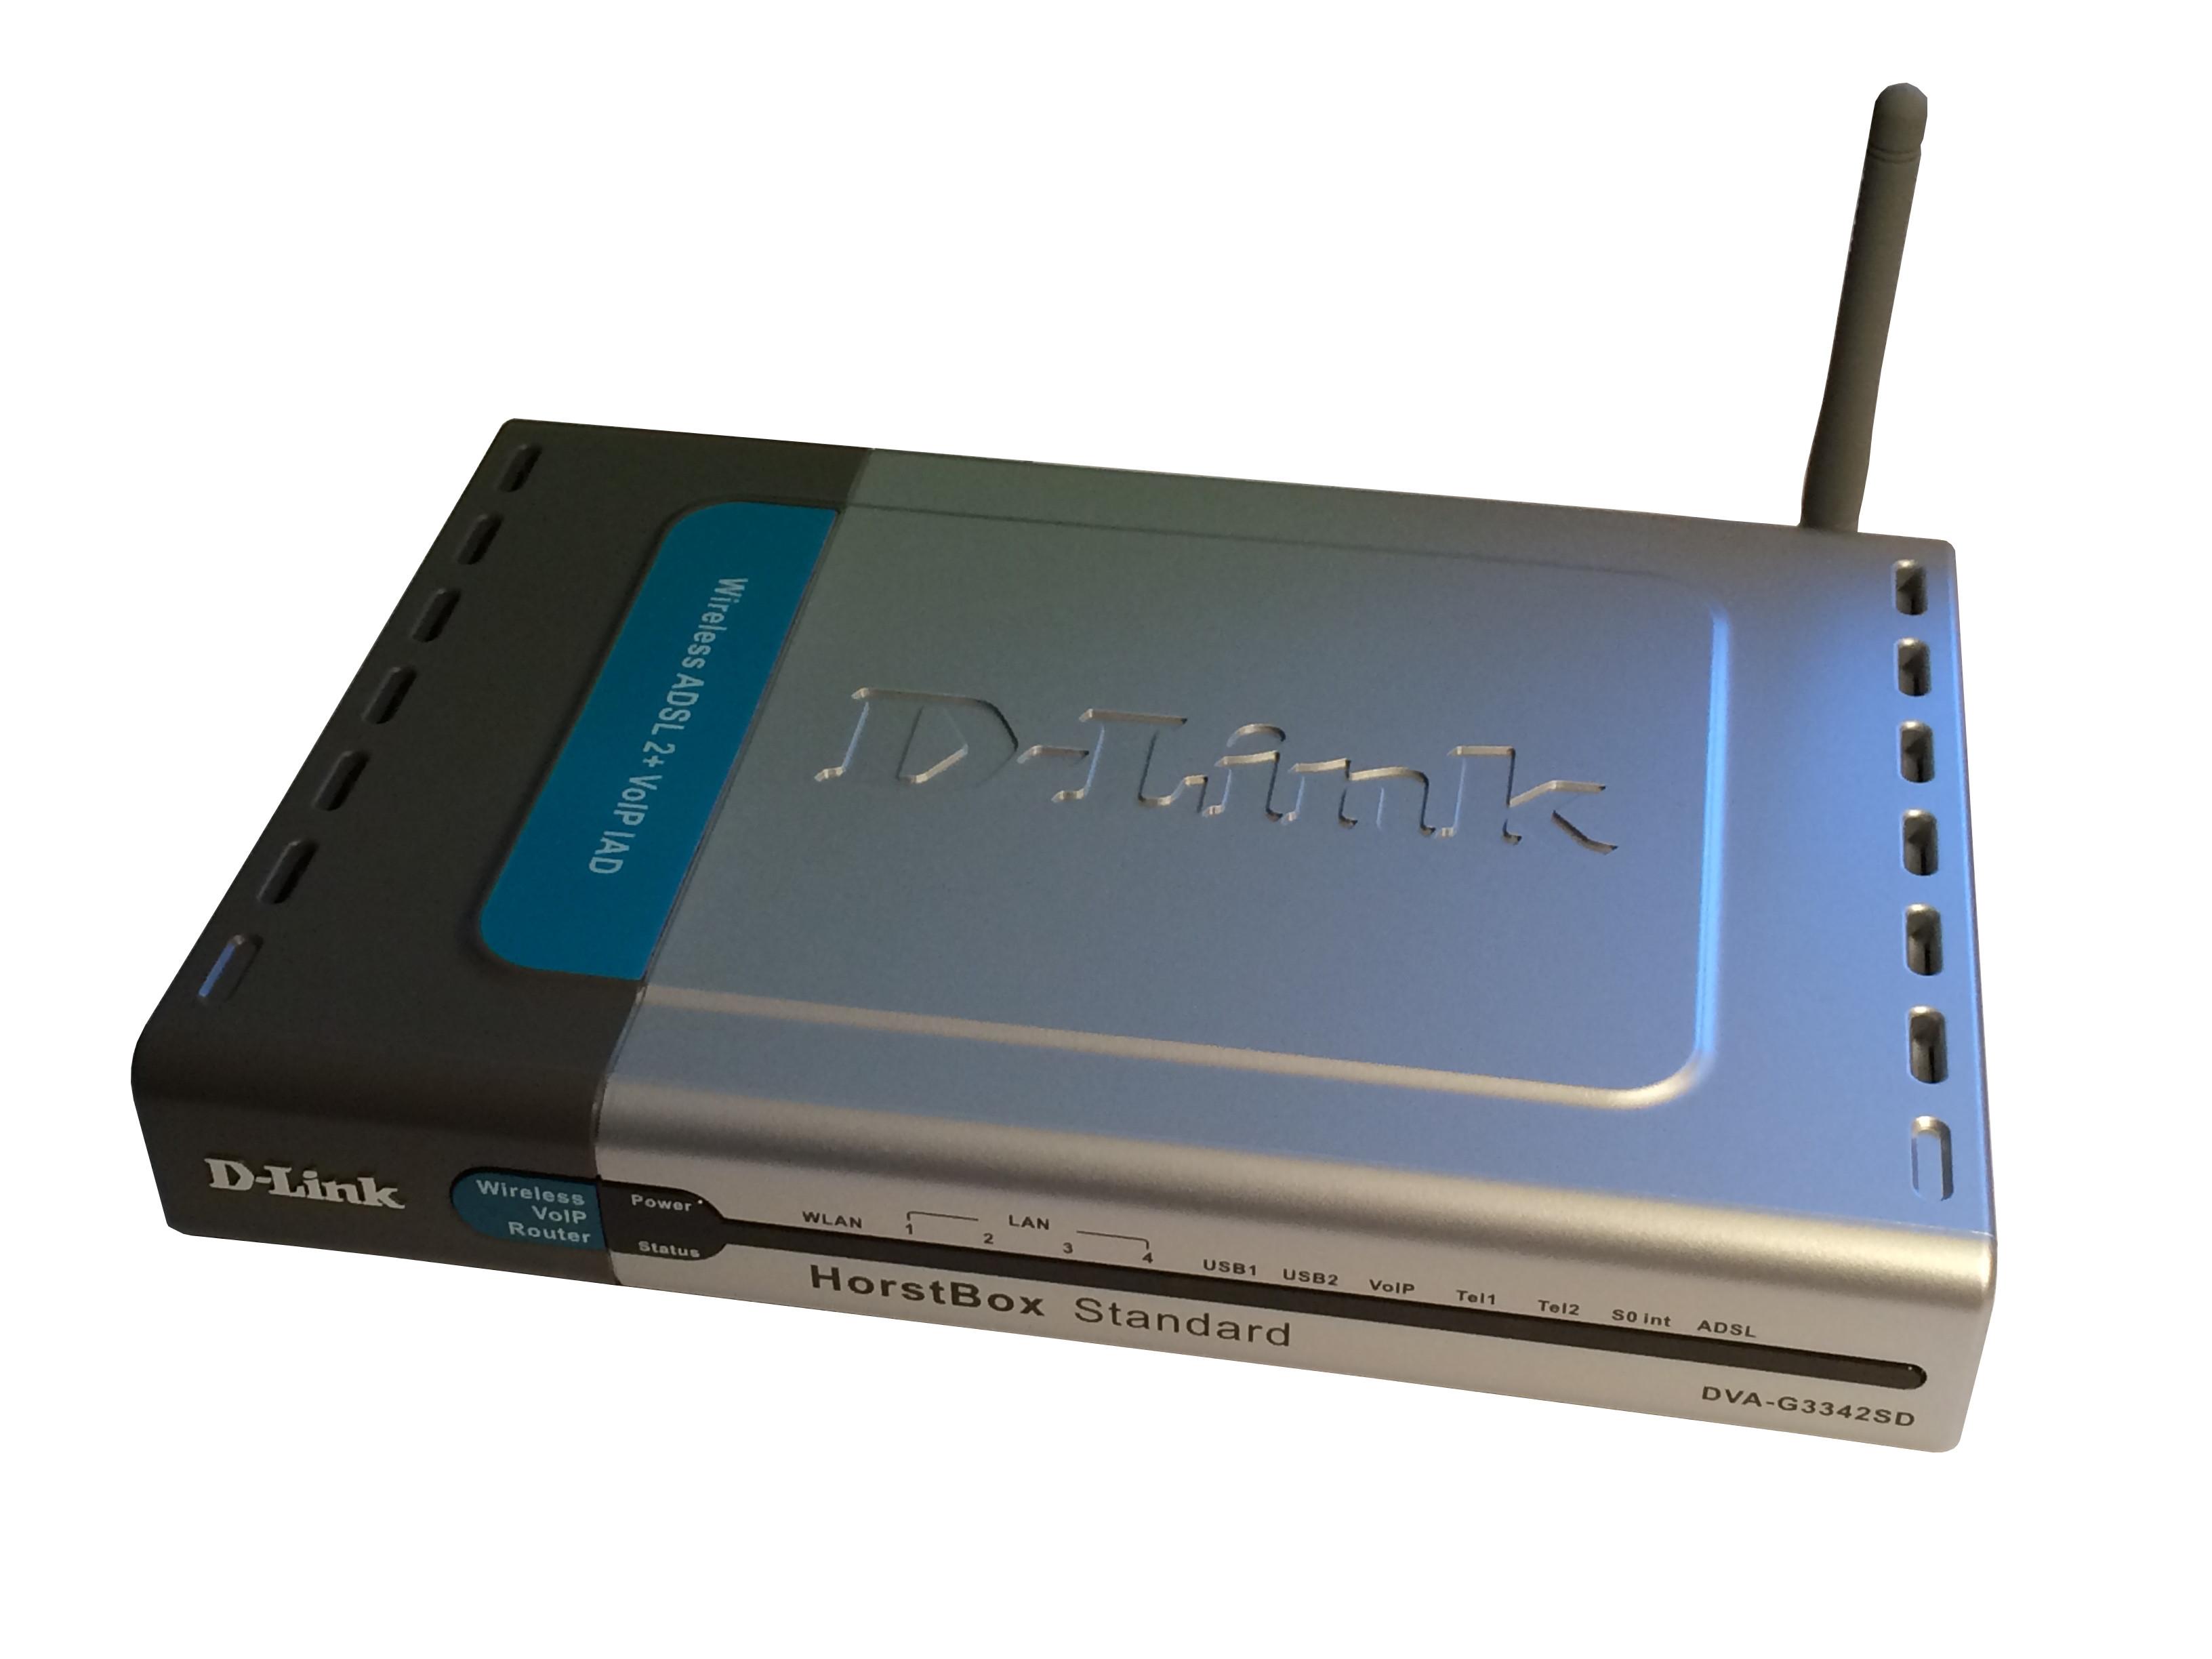 D-Link D-LINK DVA-G3342SD HorstBox Standard WLAN Router (VoIP+WLAN+Router) 54 Mbps